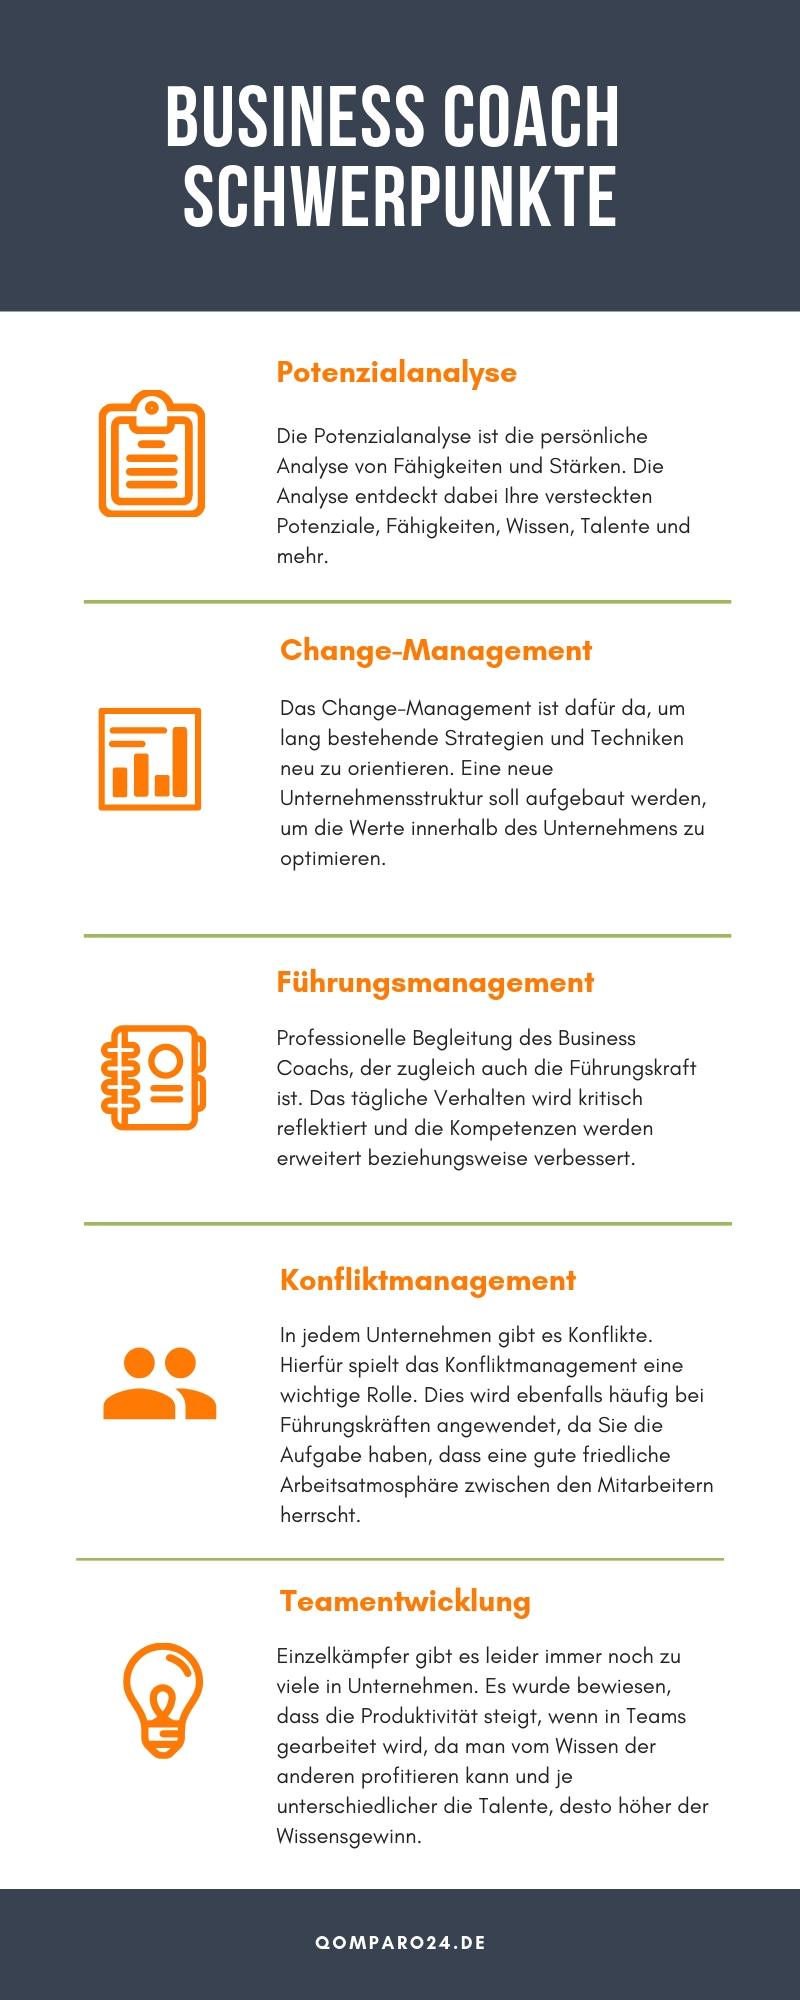 Infografik zum Thema Business Coach Schwerpunkte